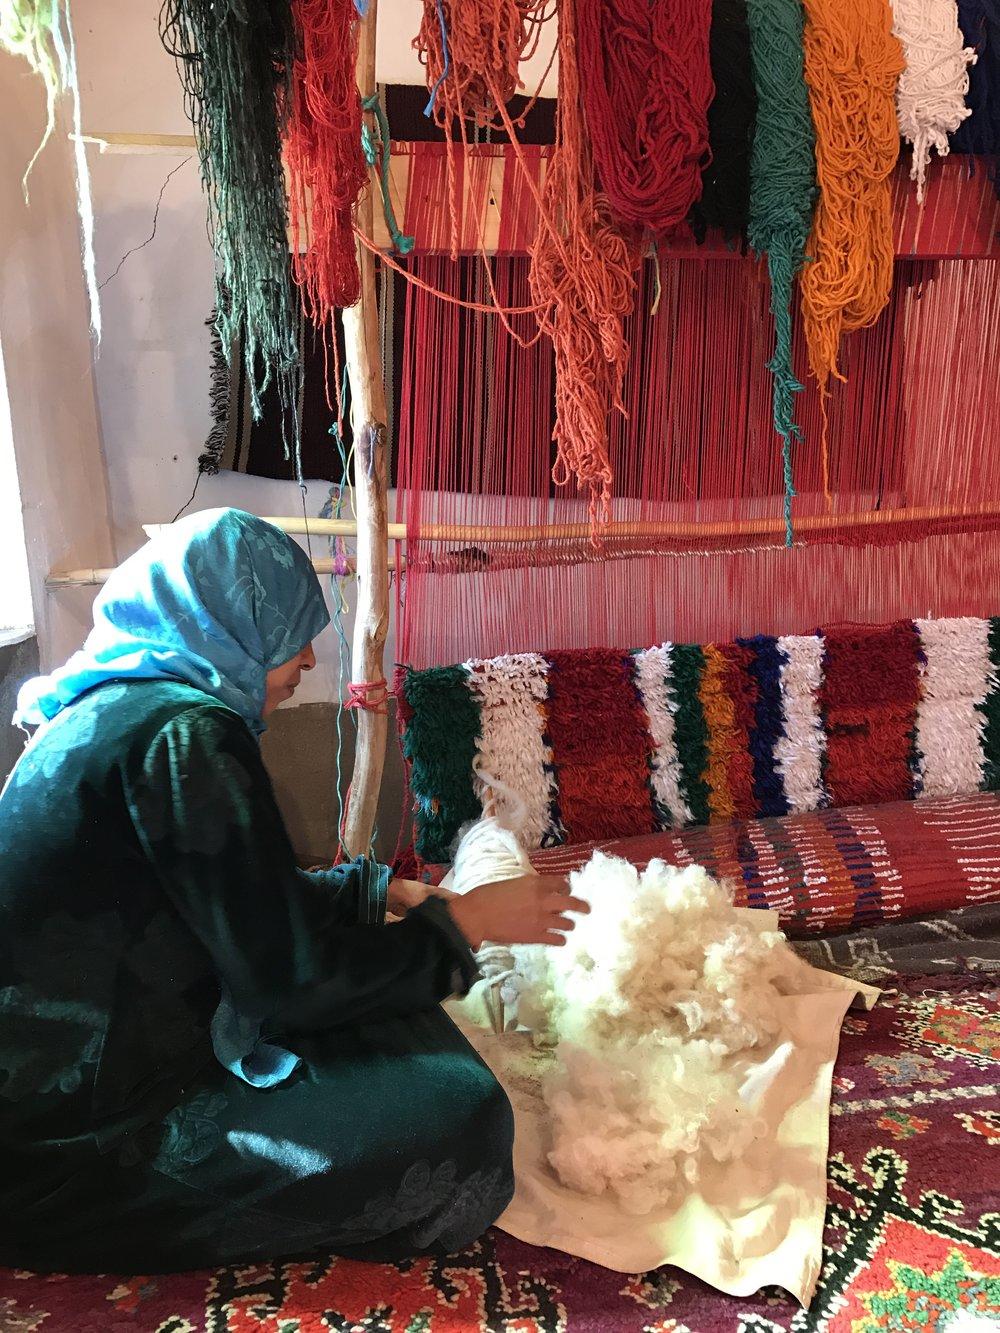 Berberinainen